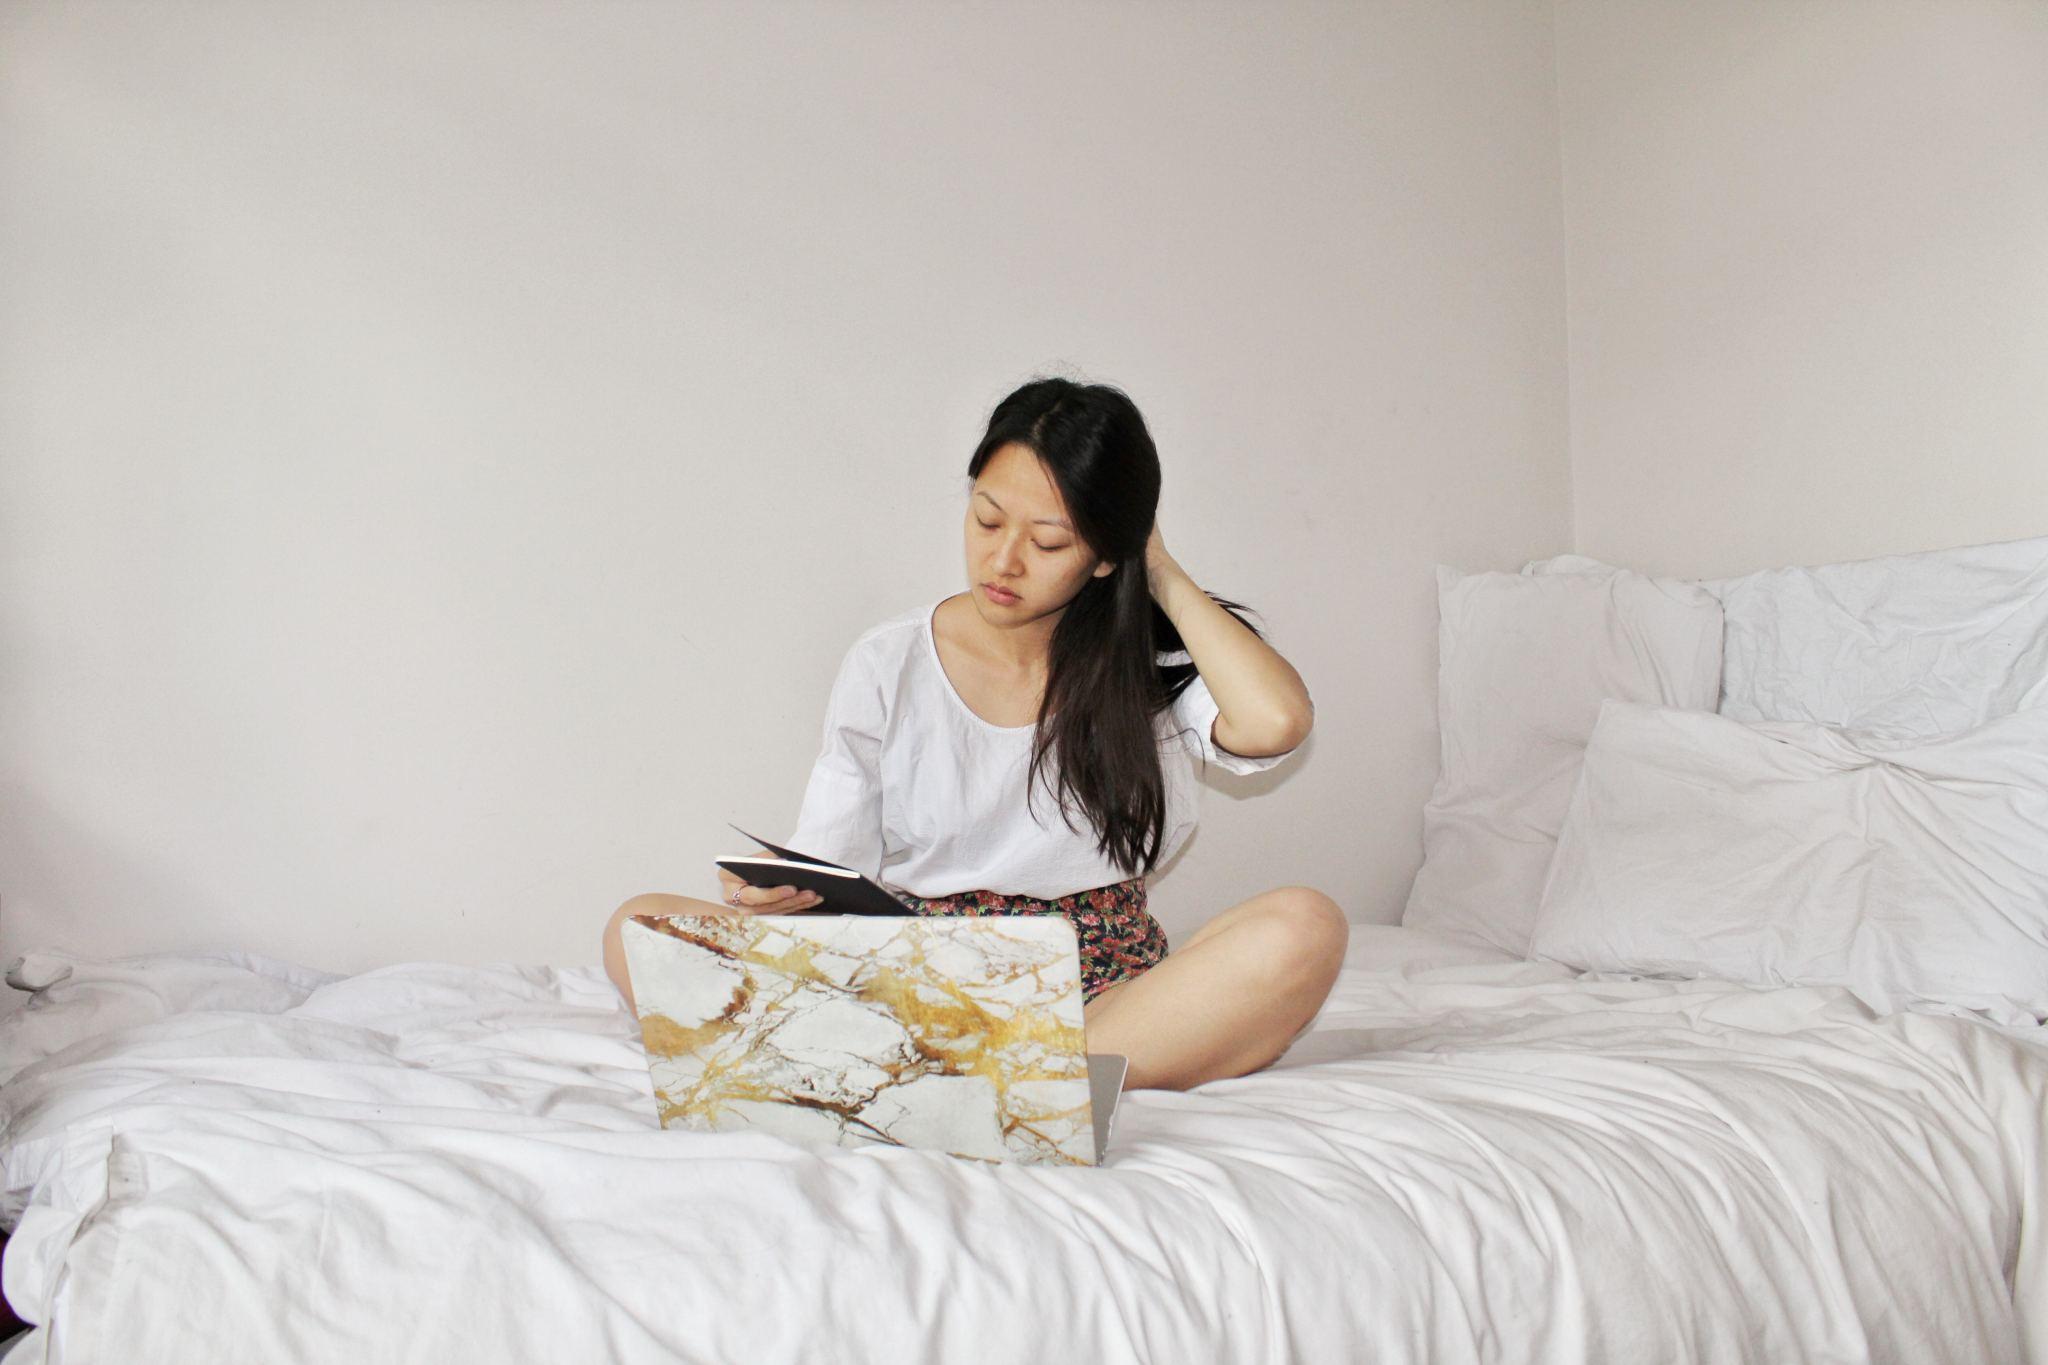 The-Wong-Blog-How-to-do-a-digital-detox-facebook-monica-wong